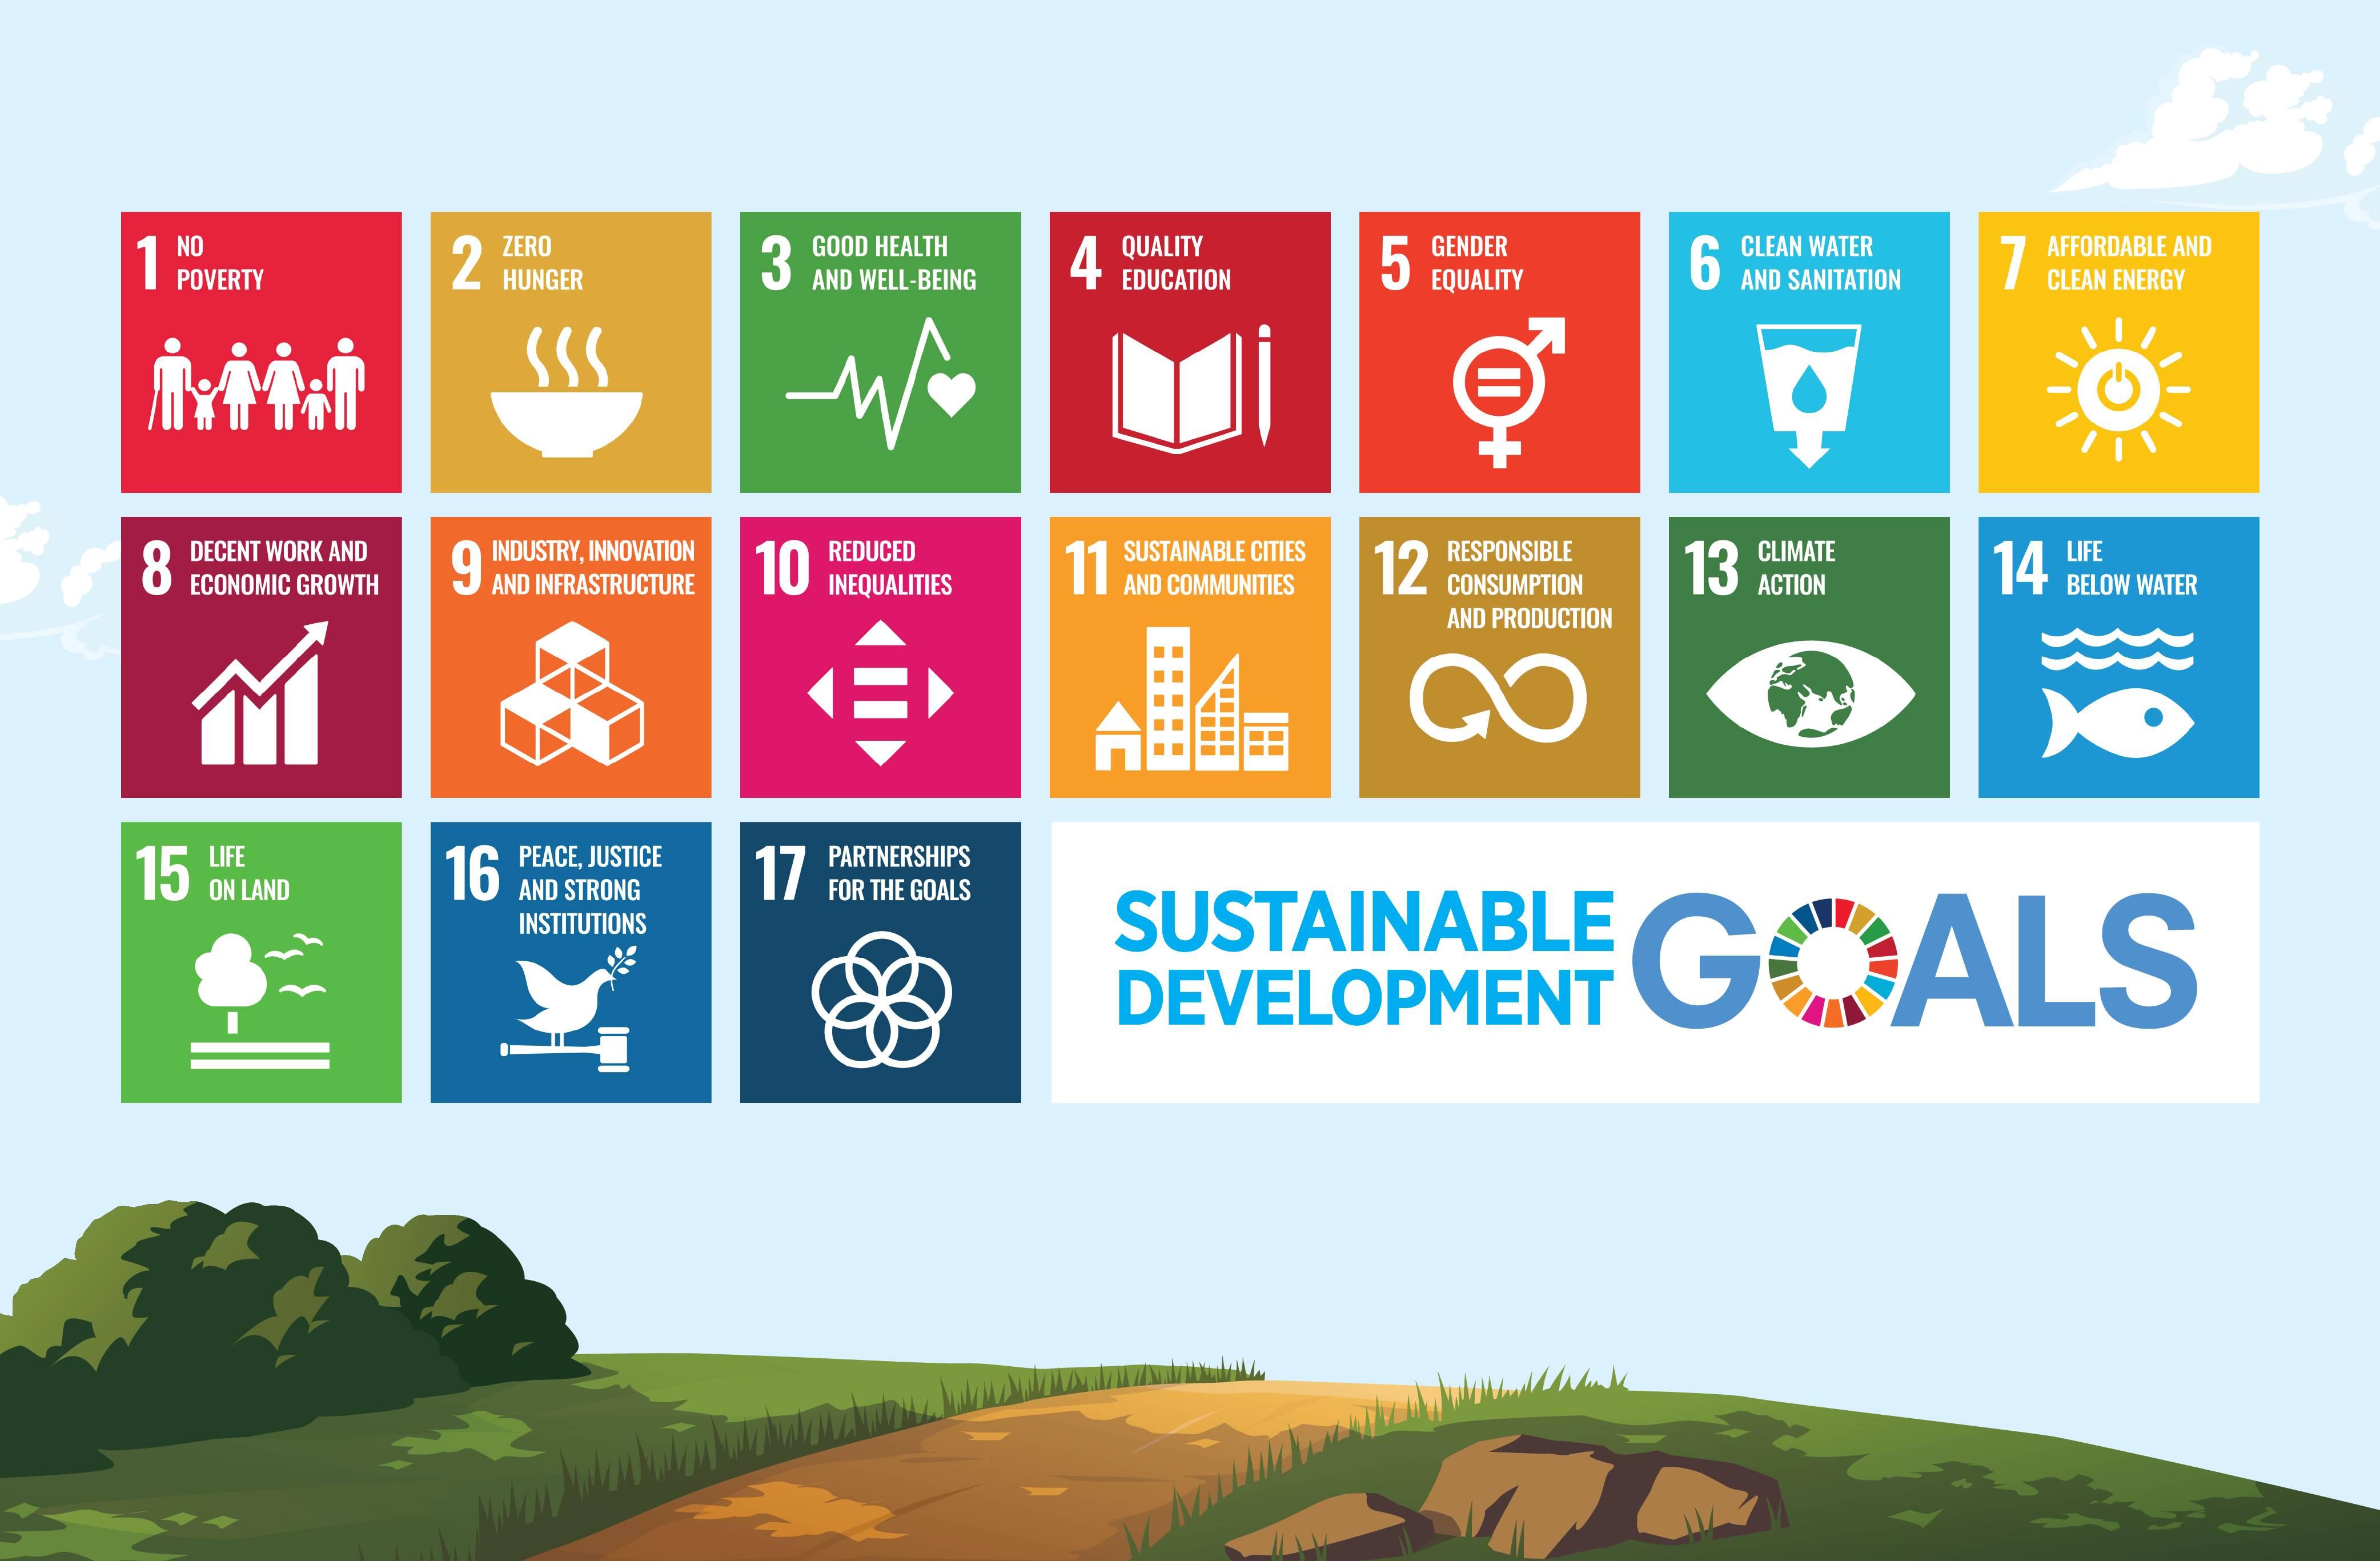 Die 17 SDGs oder Globalen Ziele